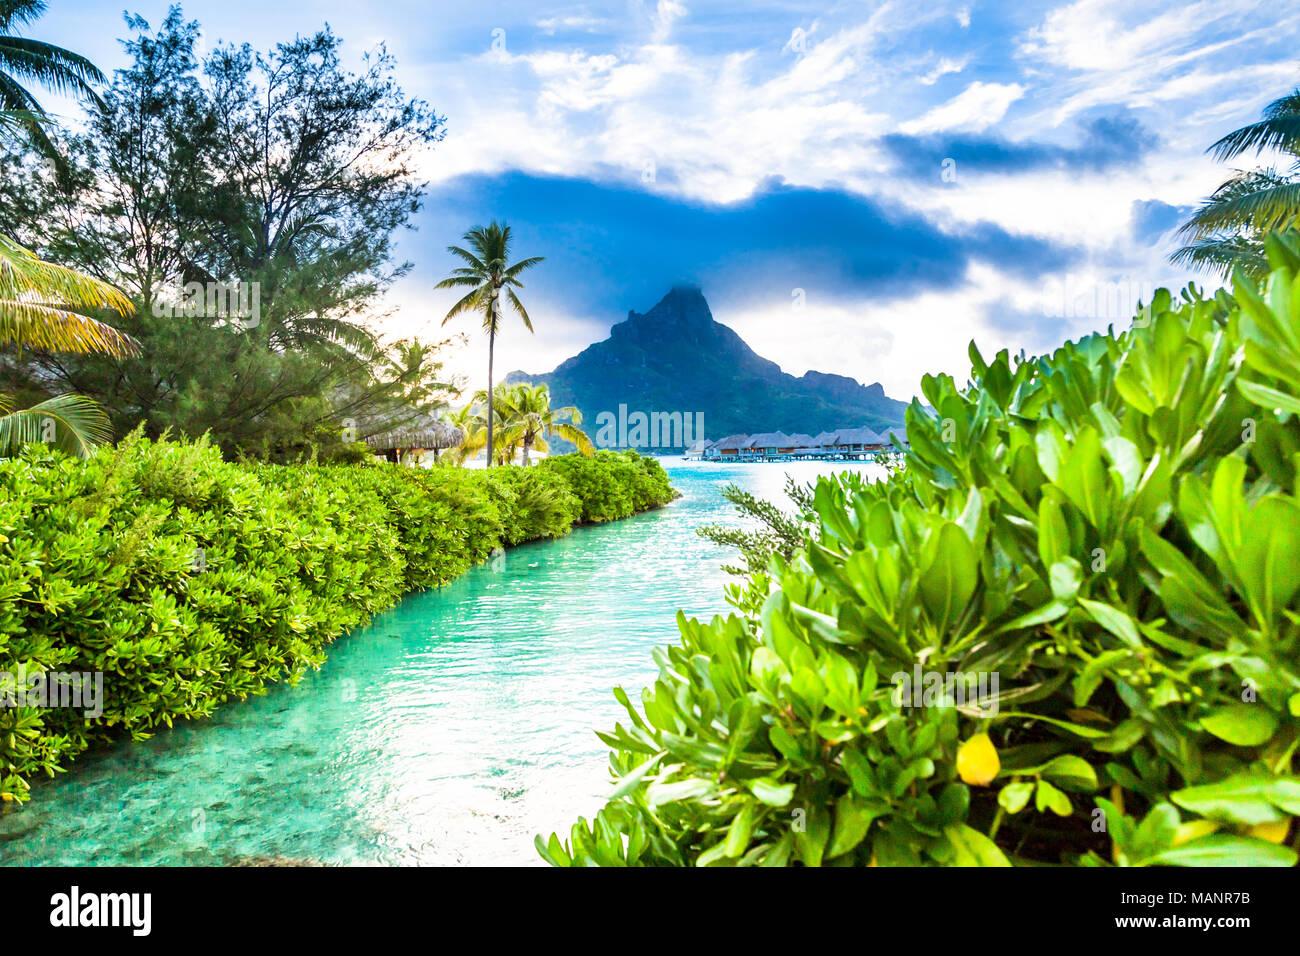 Isola di Bora Bora, Polinesia francese. Immagini Stock